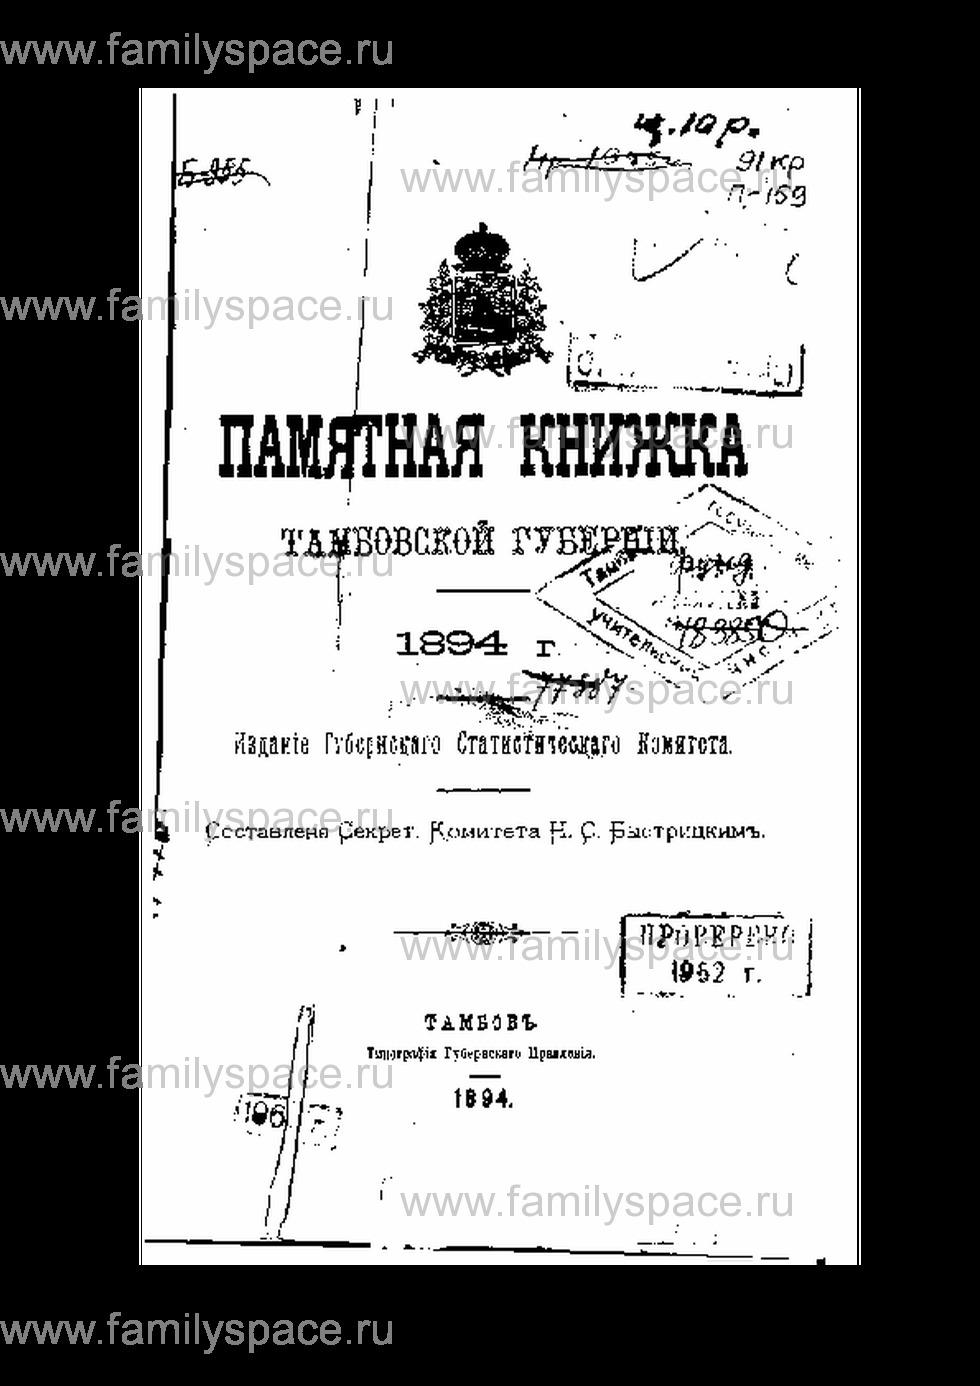 Поиск по фамилии - Памятная книжка Тамбовской губернии на 1894 г, страница 1